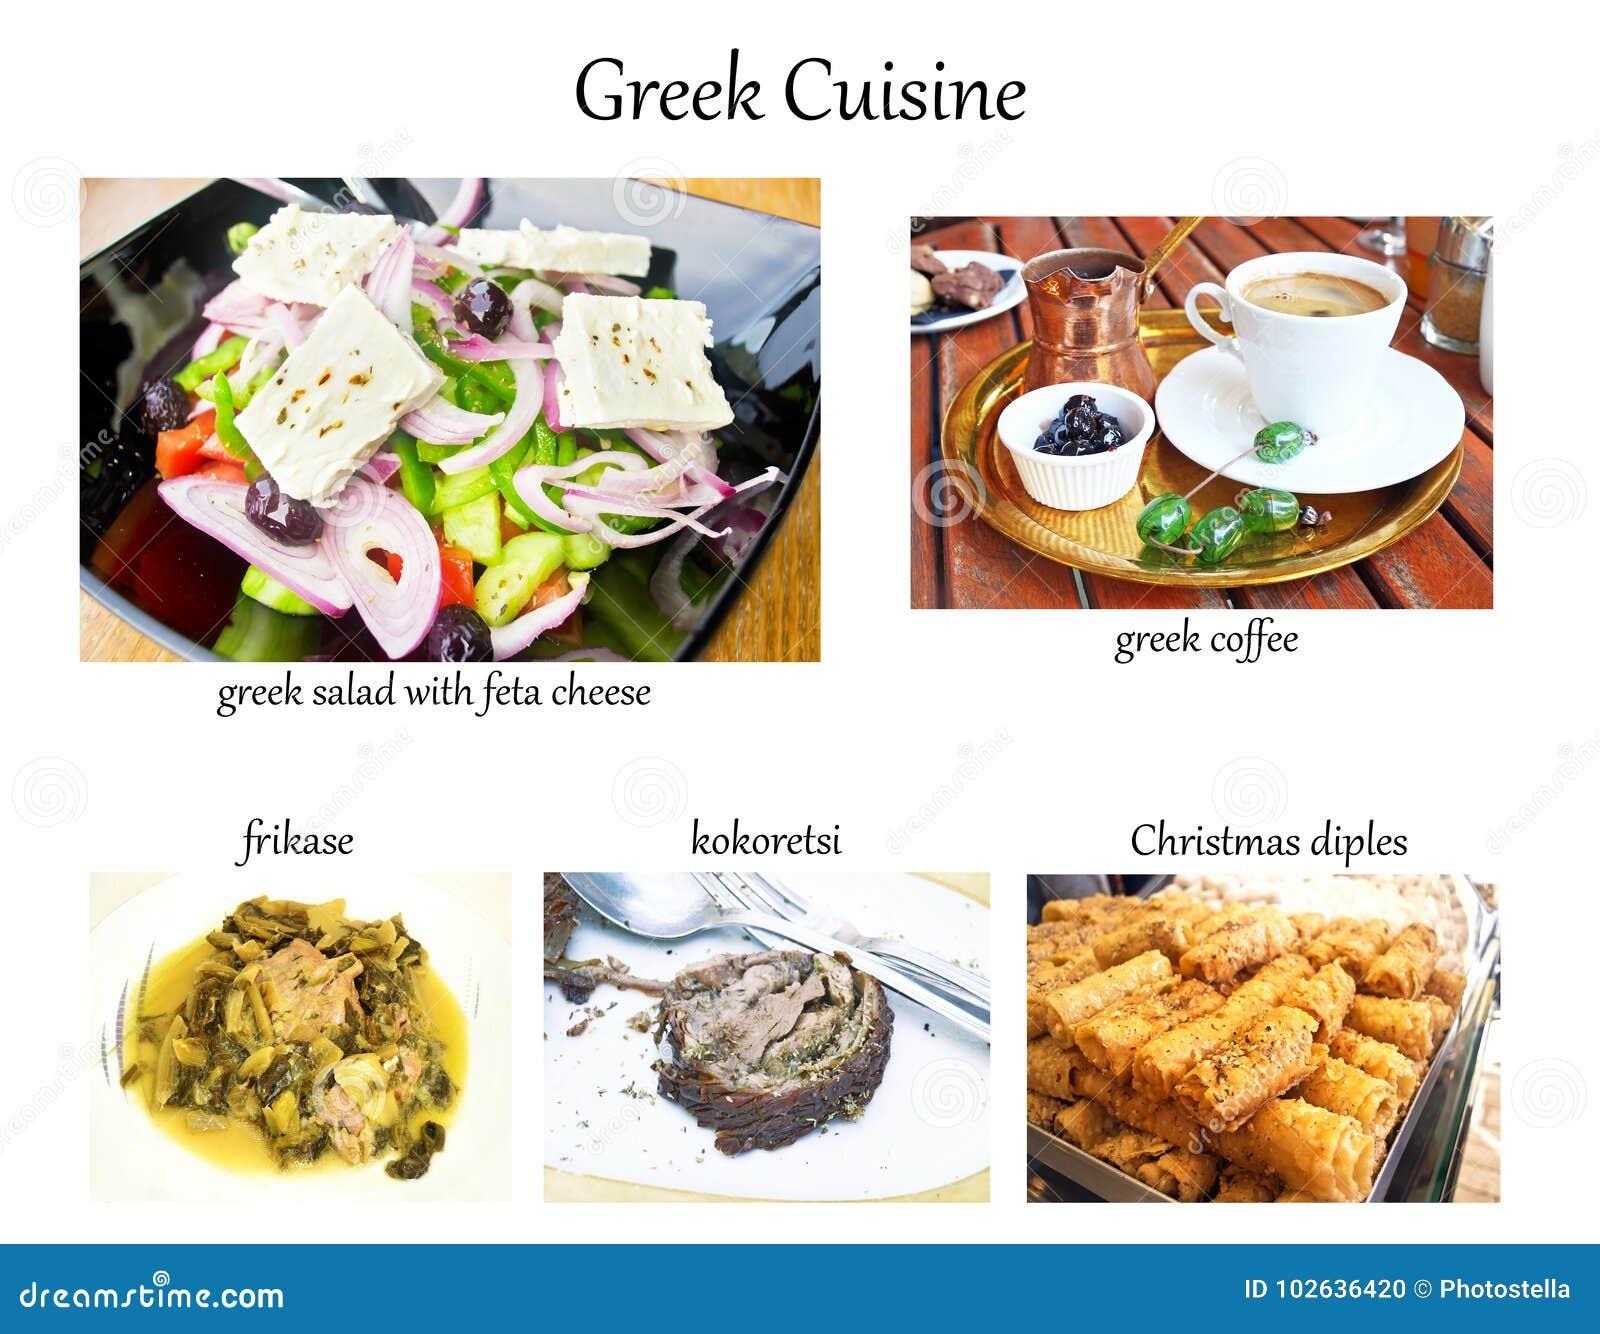 Collage avec la cuisine grecque - café, salade, frikase, kokoretsi, diples de Noël